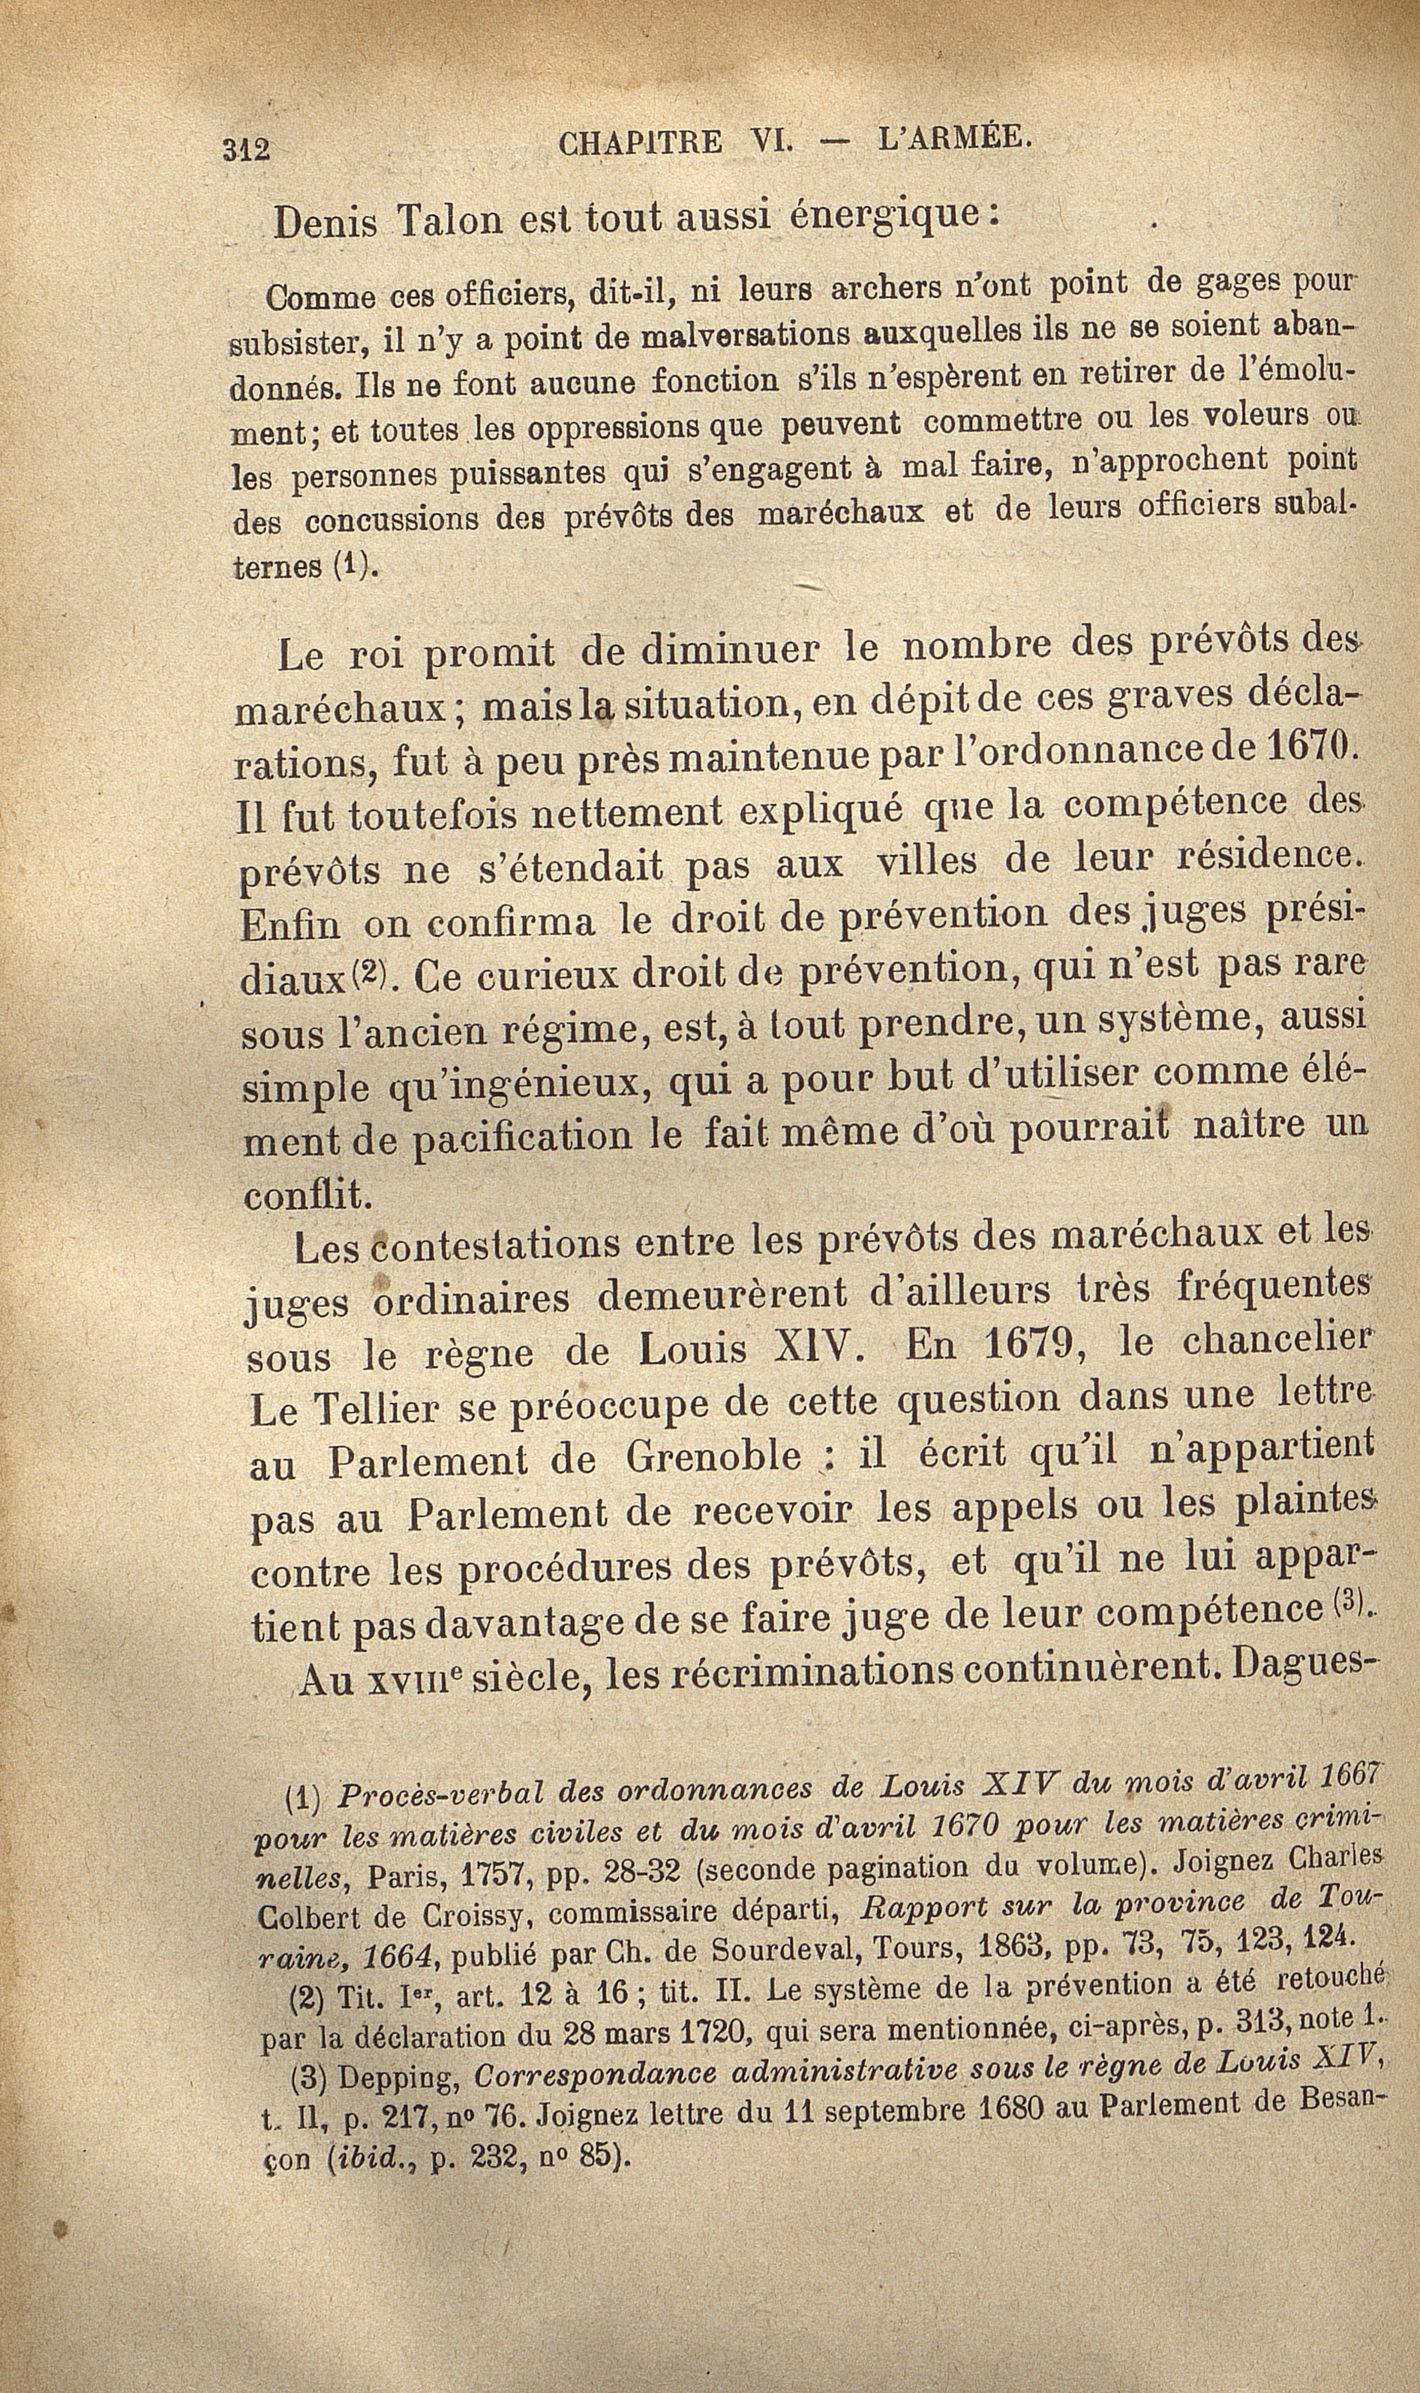 http://expo-paulviollet.univ-paris1.fr/wp-content/uploads/2016/02/0605381272_0326.jpg